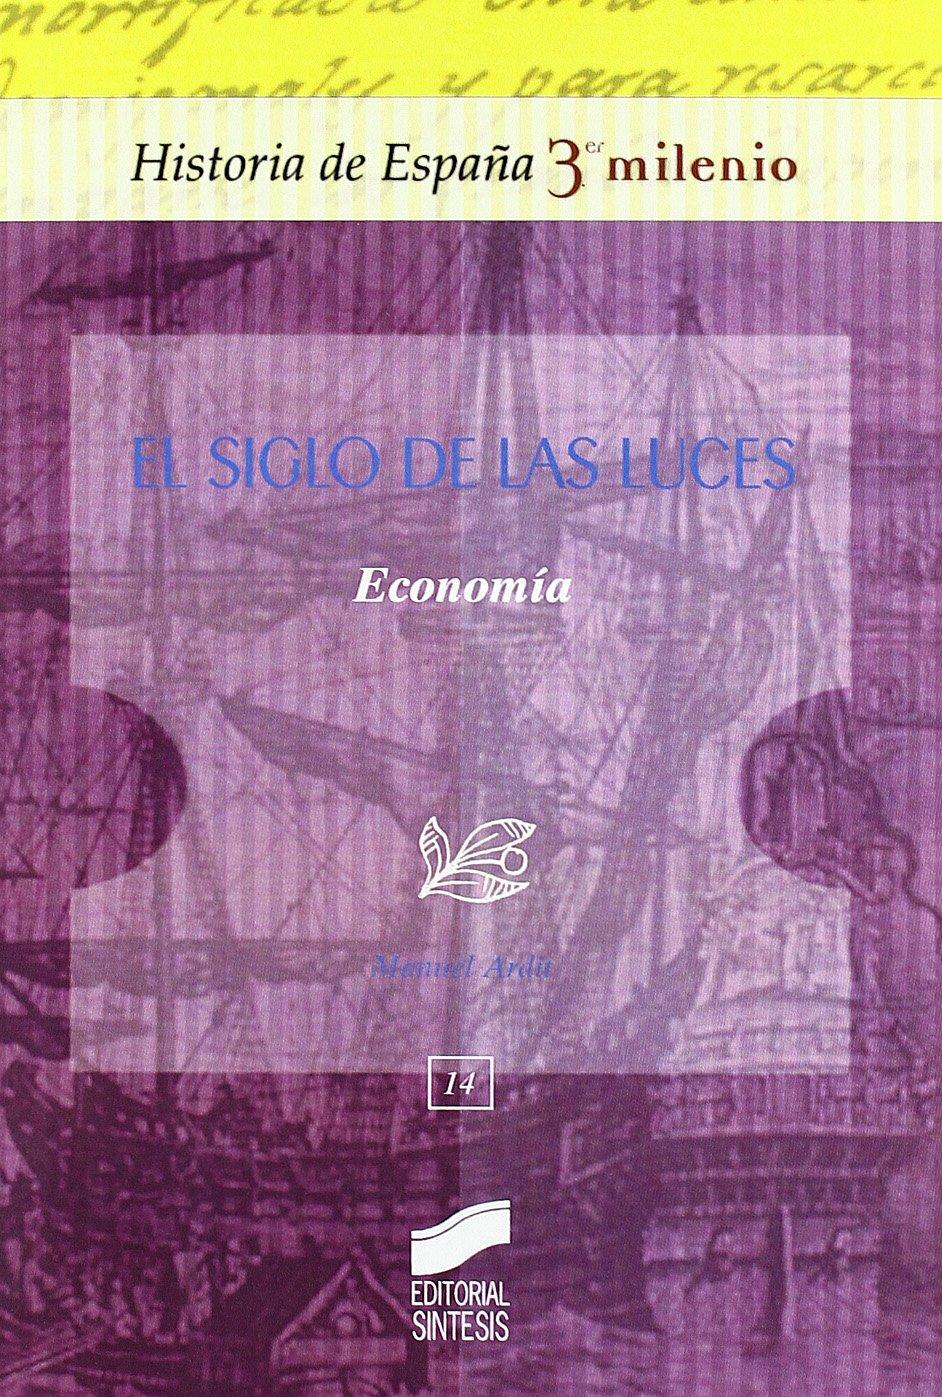 El siglo de las luces: economía: 14 Historia de España, 3er milenio: Amazon.es: Ardit Lucas, Manuel: Libros